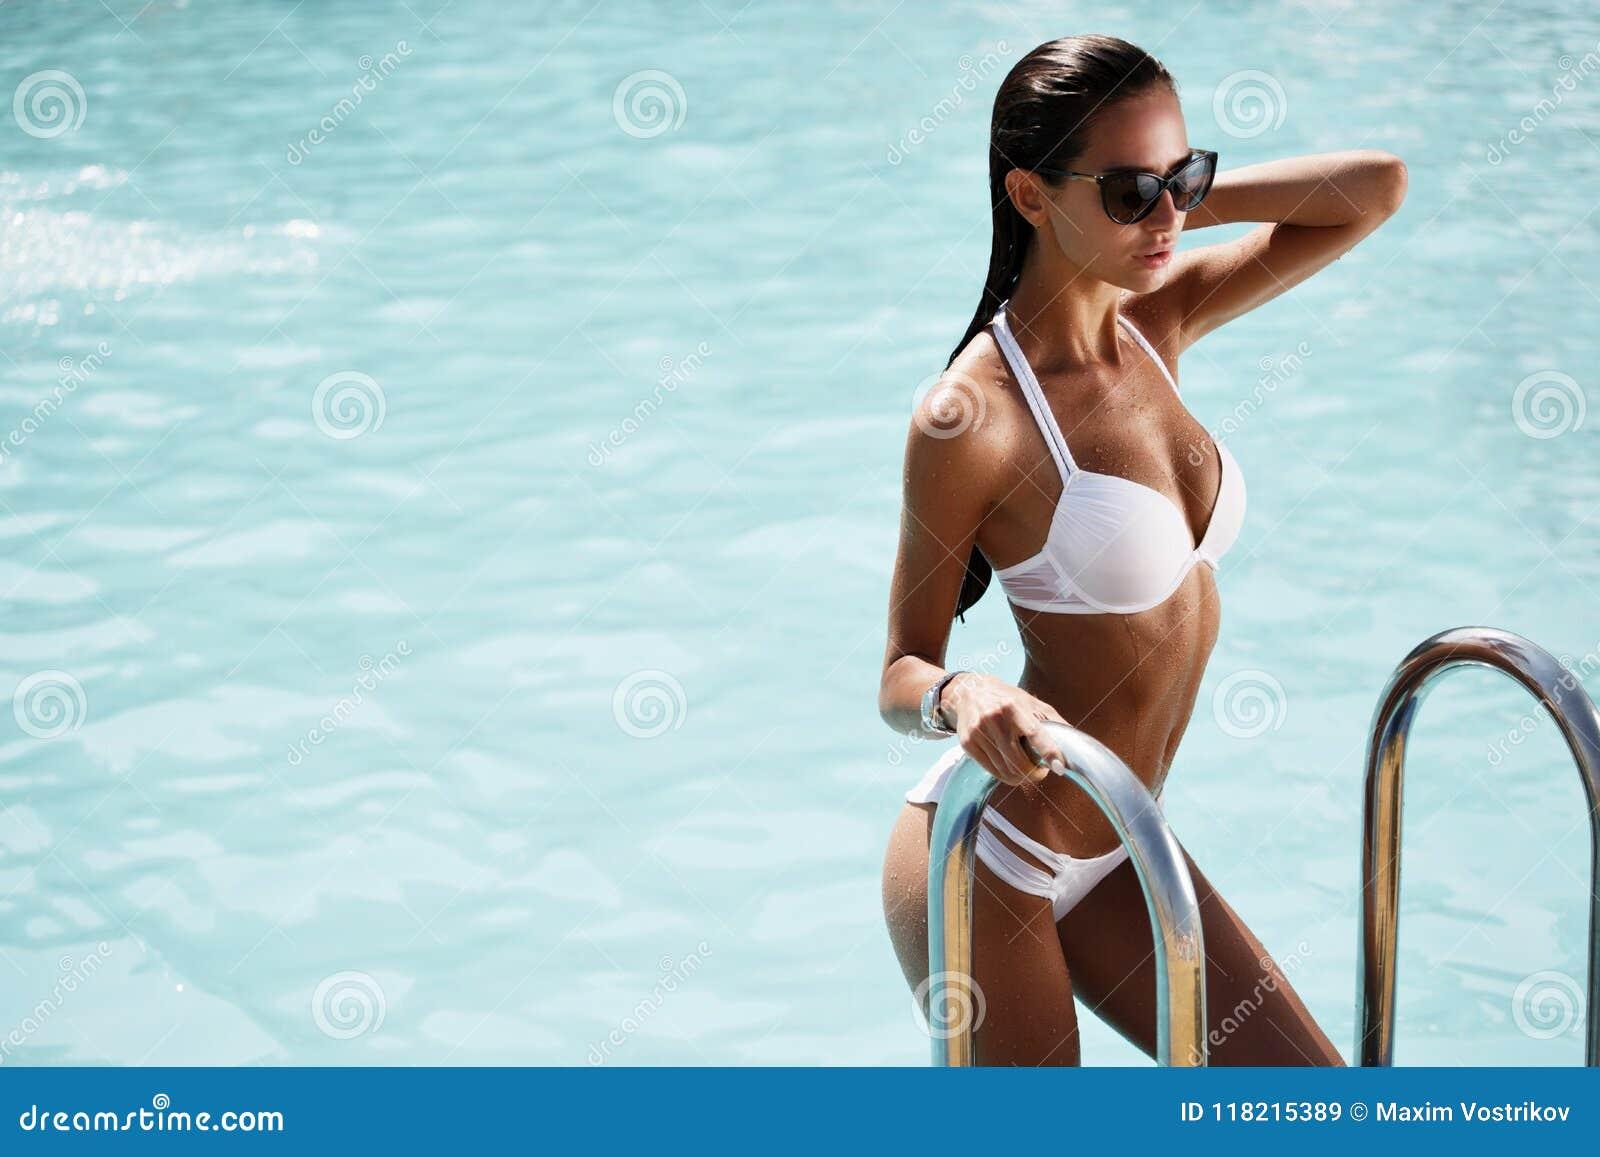 Elegante sexy Frau im weißen Bikini auf dem sonnen-gebräunten dünnen und formschönen Körper wirft nahe dem Swimmingpool auf